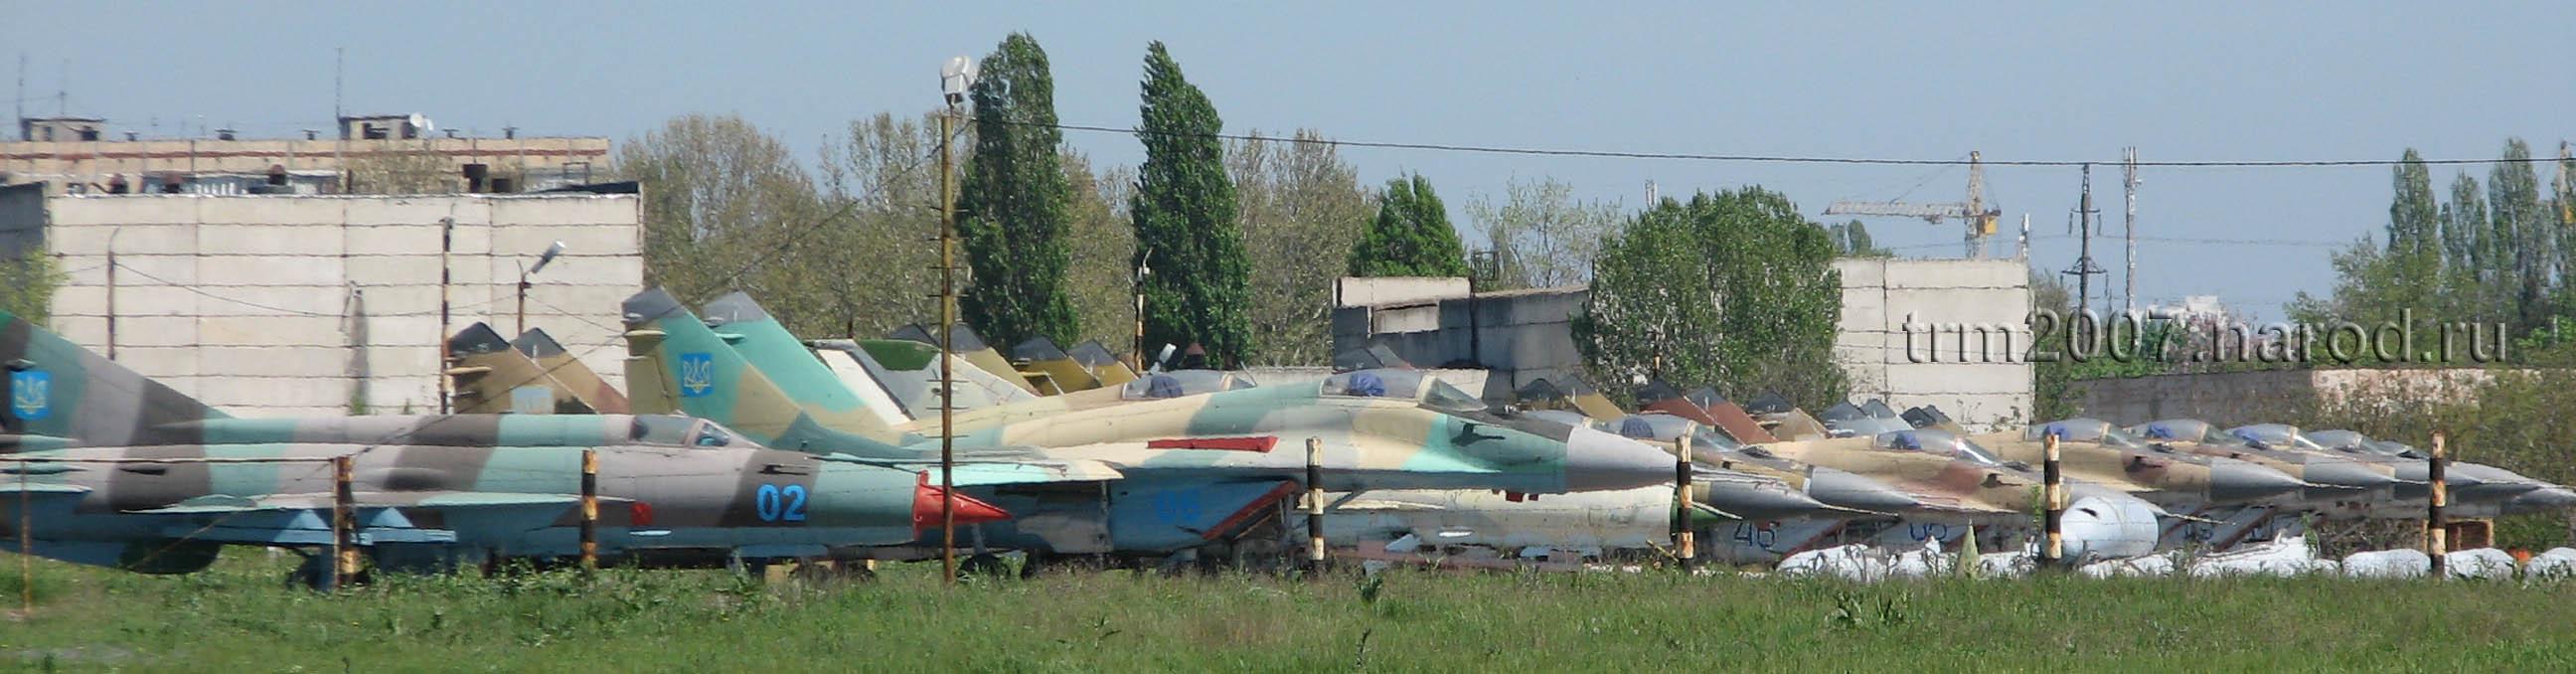 Истребители и перехватчики МИГ-21, МИГ-25, МИГ-29 и СУ-27